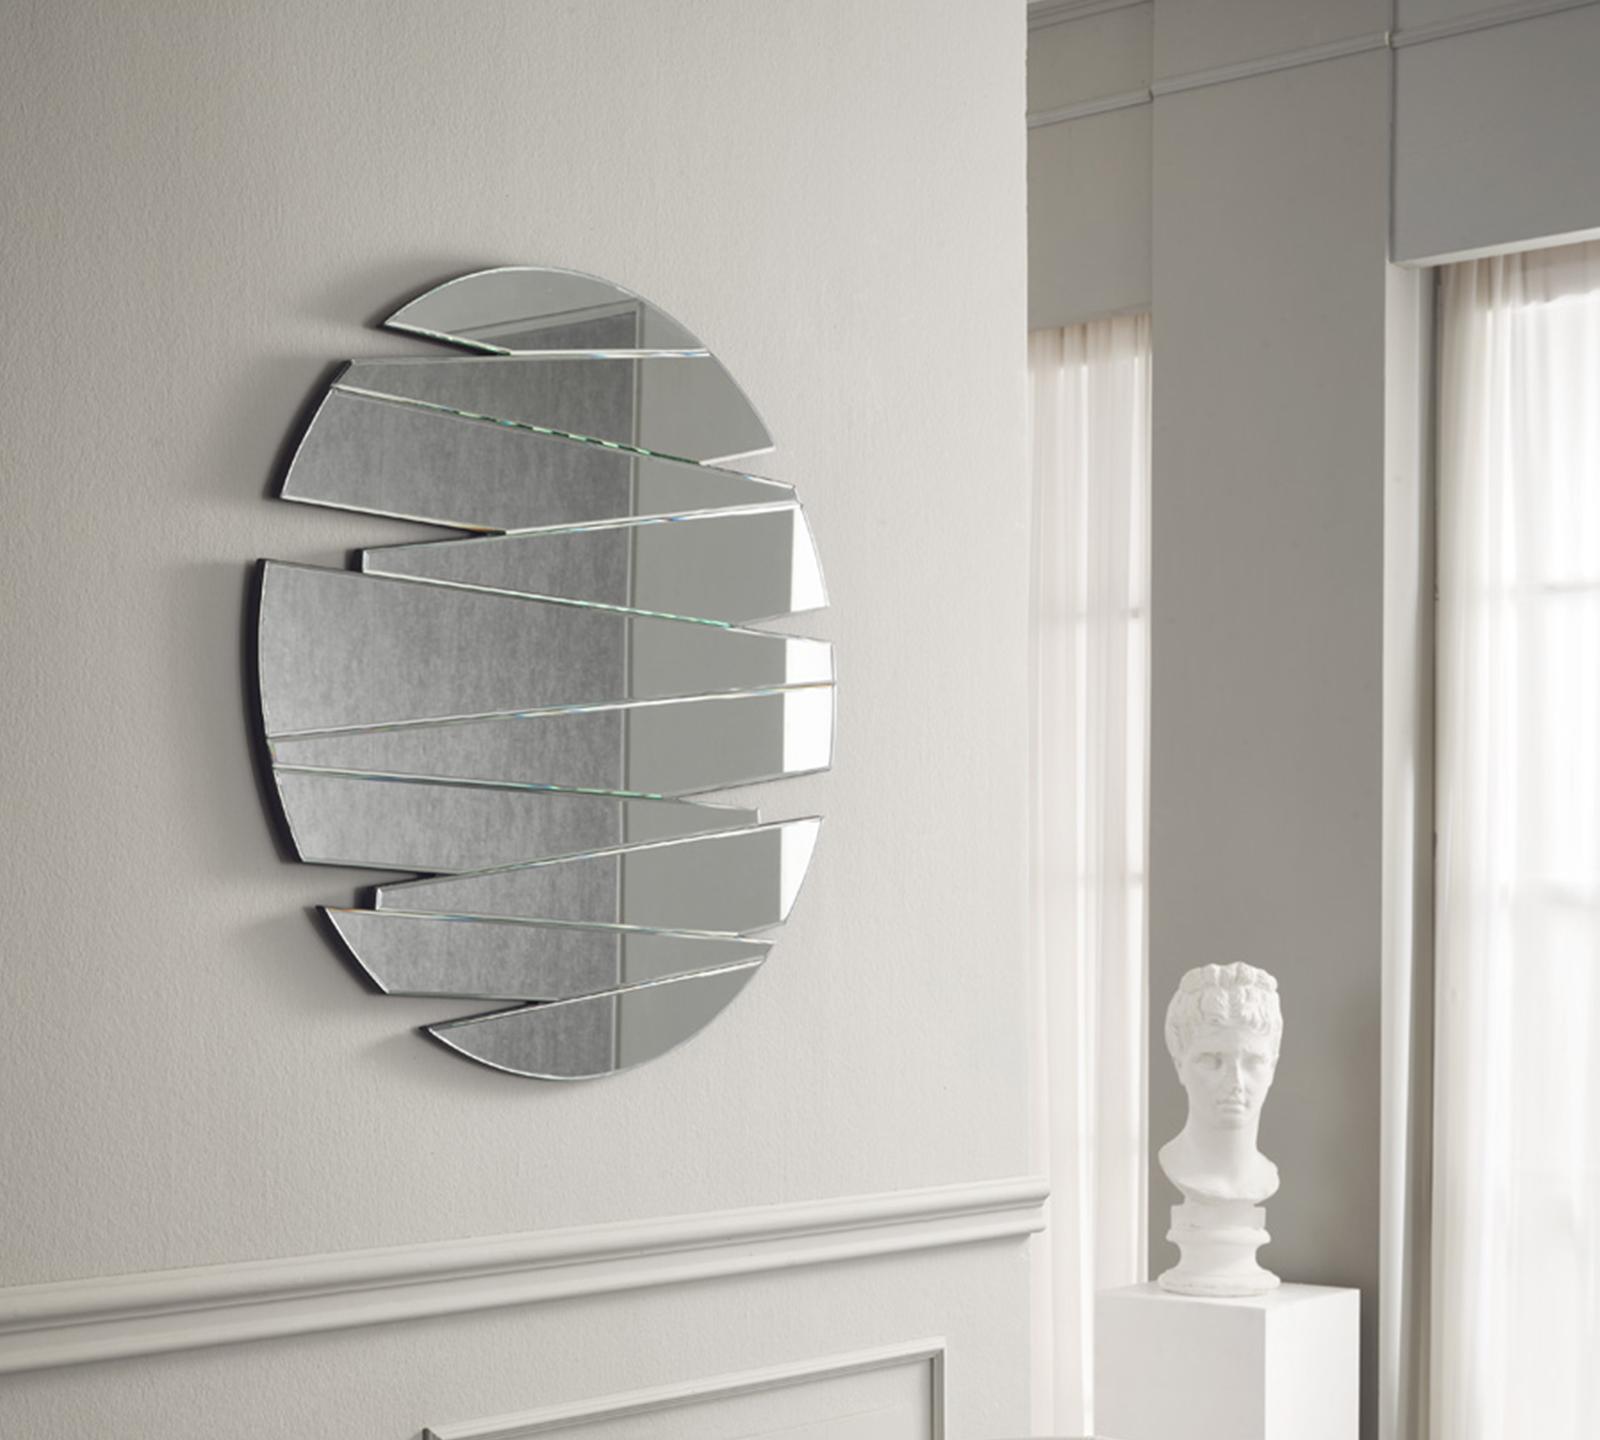 Vendita specchi classici e di design sumisura fabbrica - Ikea specchi grandi ...